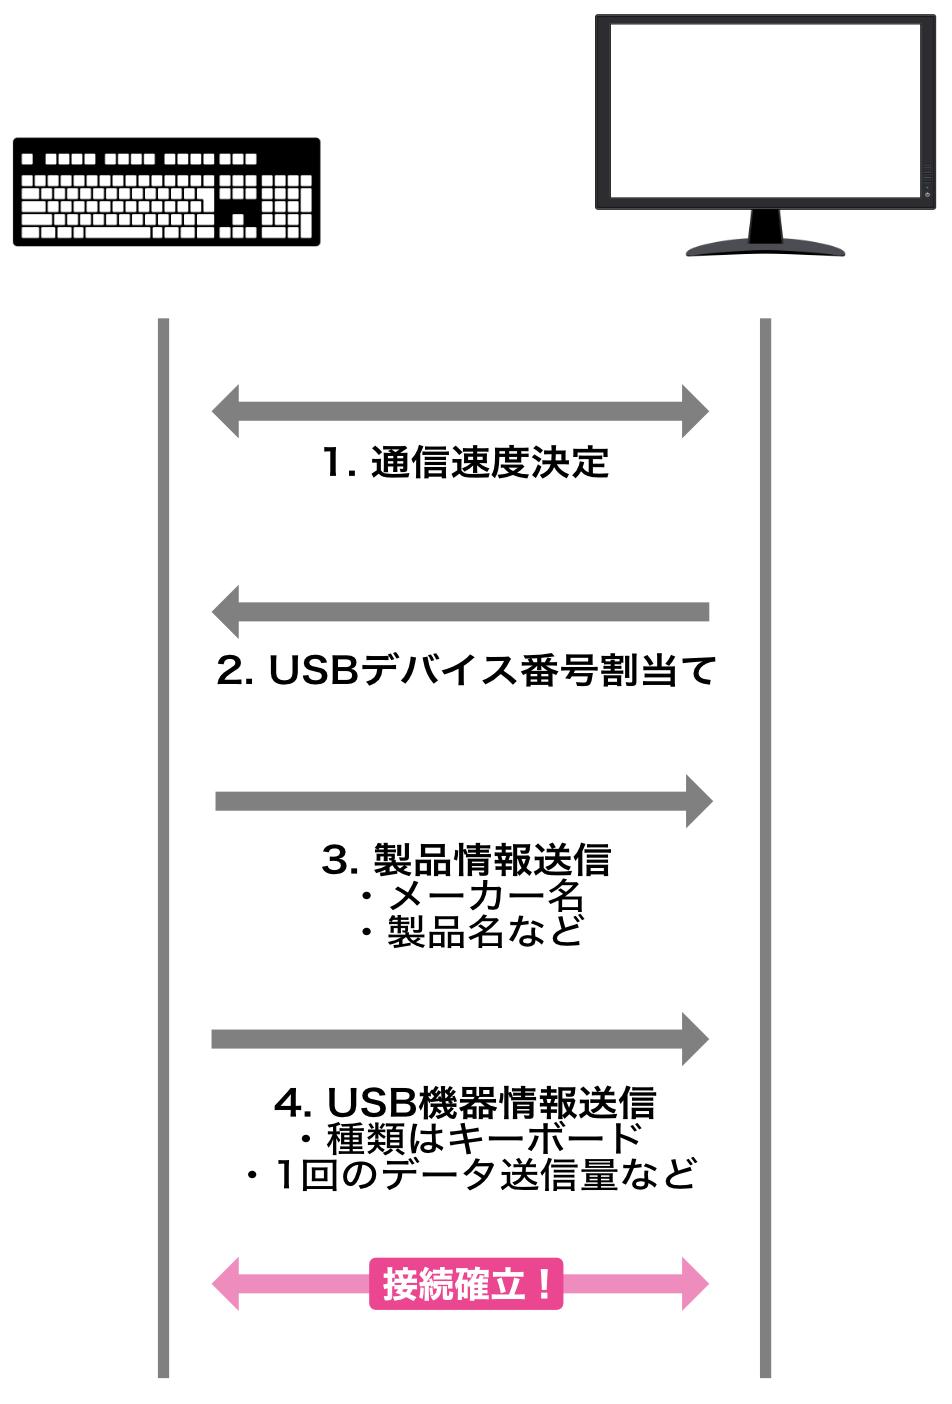 USB接続時のデータ通信